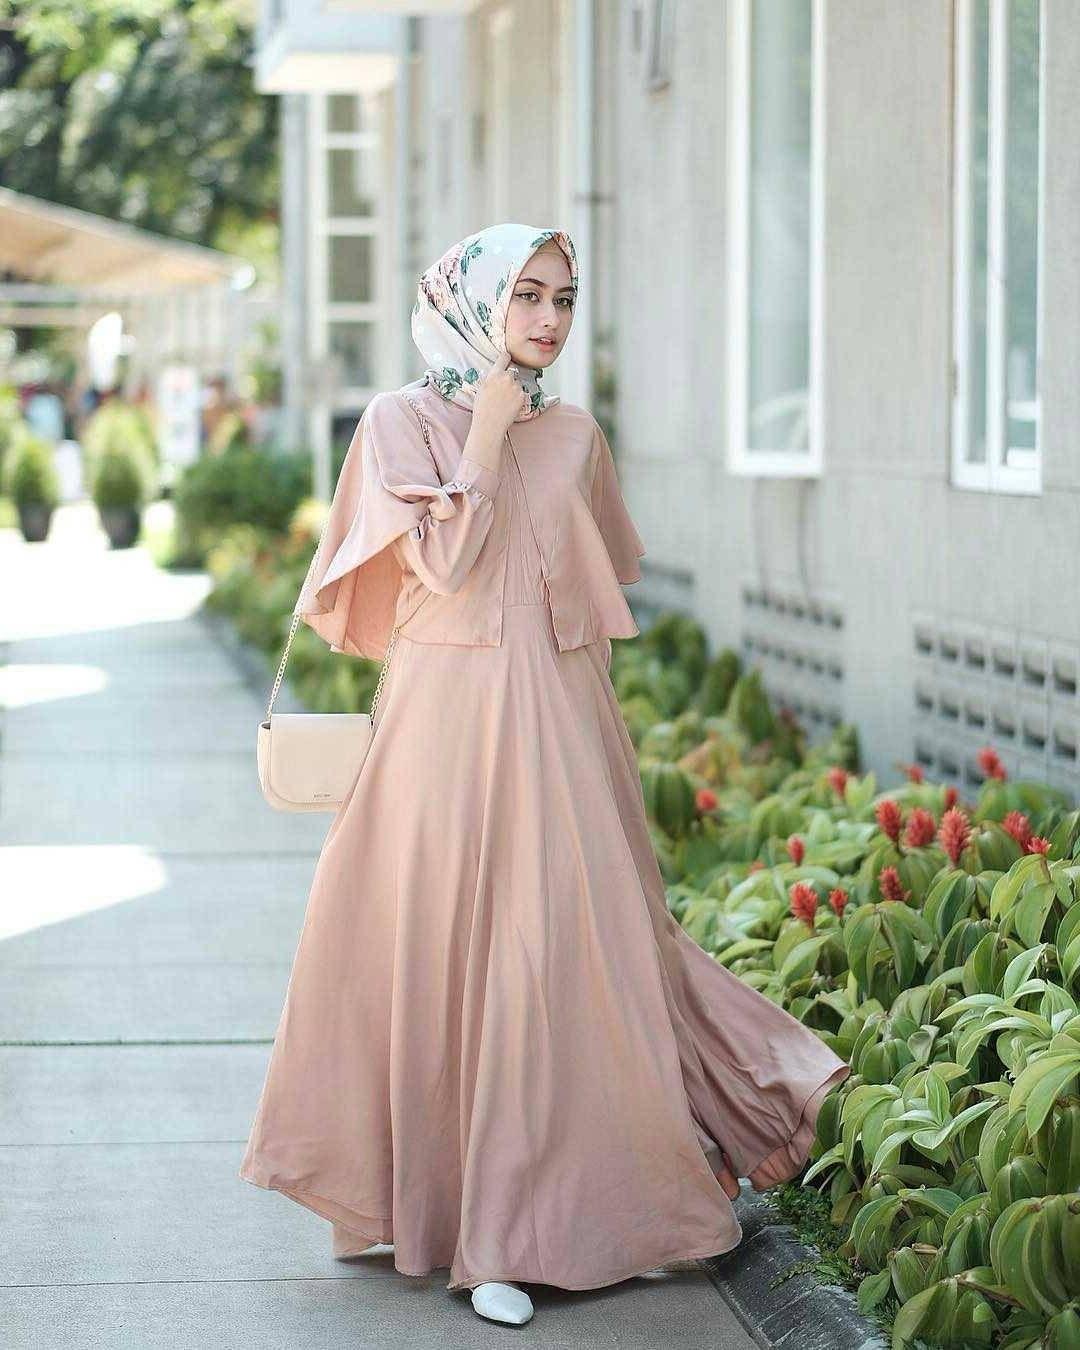 Ide Fashion Baju Lebaran 2018 Mndw 21 Model Gamis Lebaran 2018 Desain Elegan Casual Dan Modern